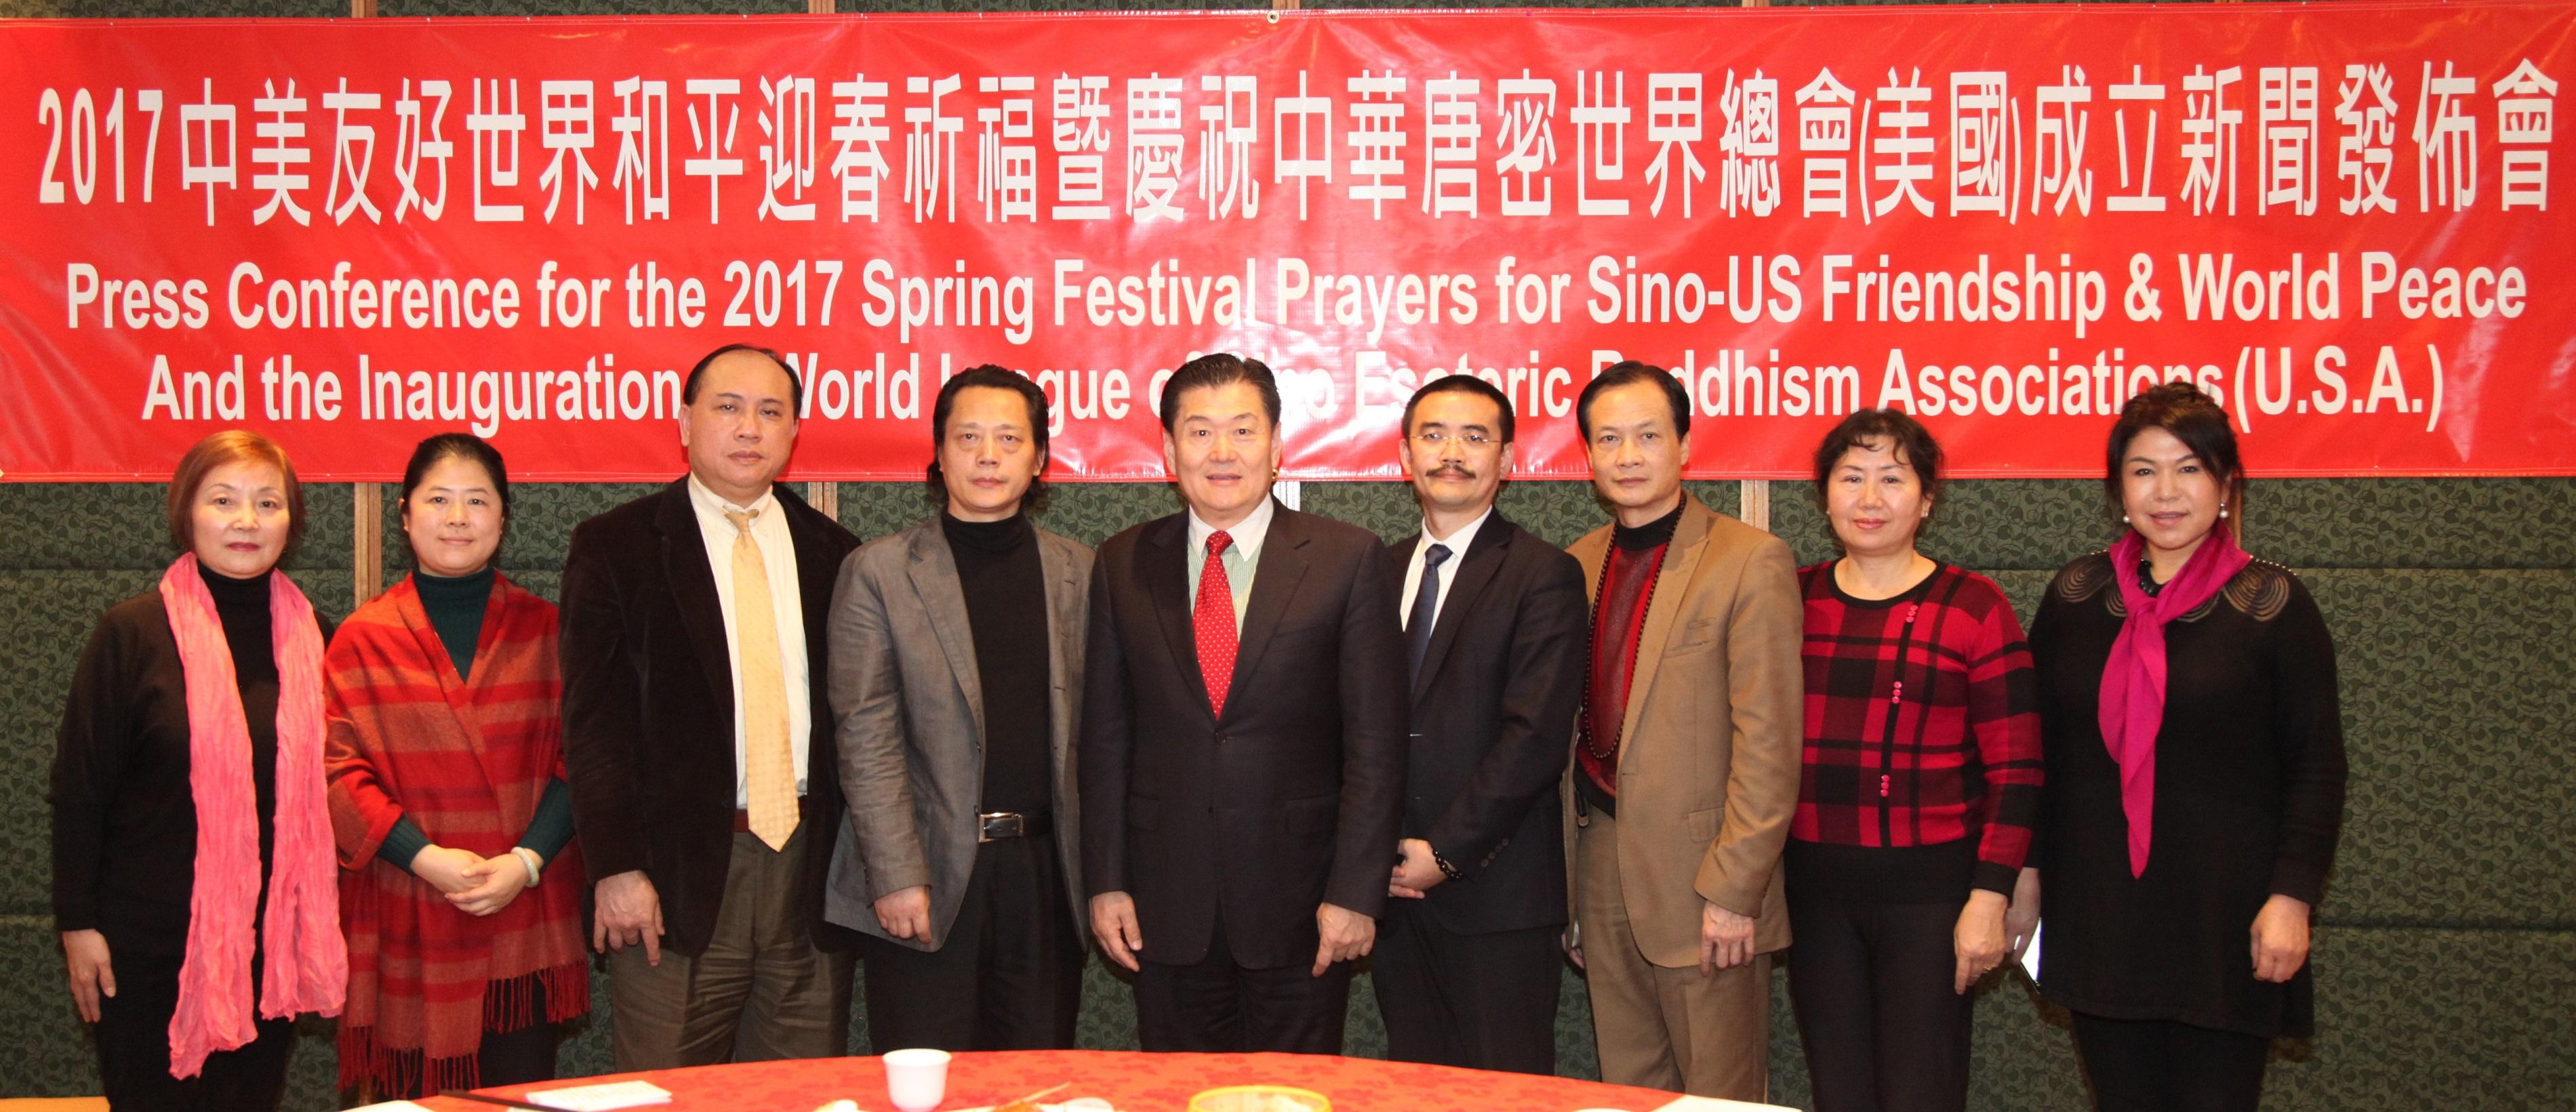 中美友好世界和平迎春祈福暨庆祝中华唐密世界总会(美国)成立